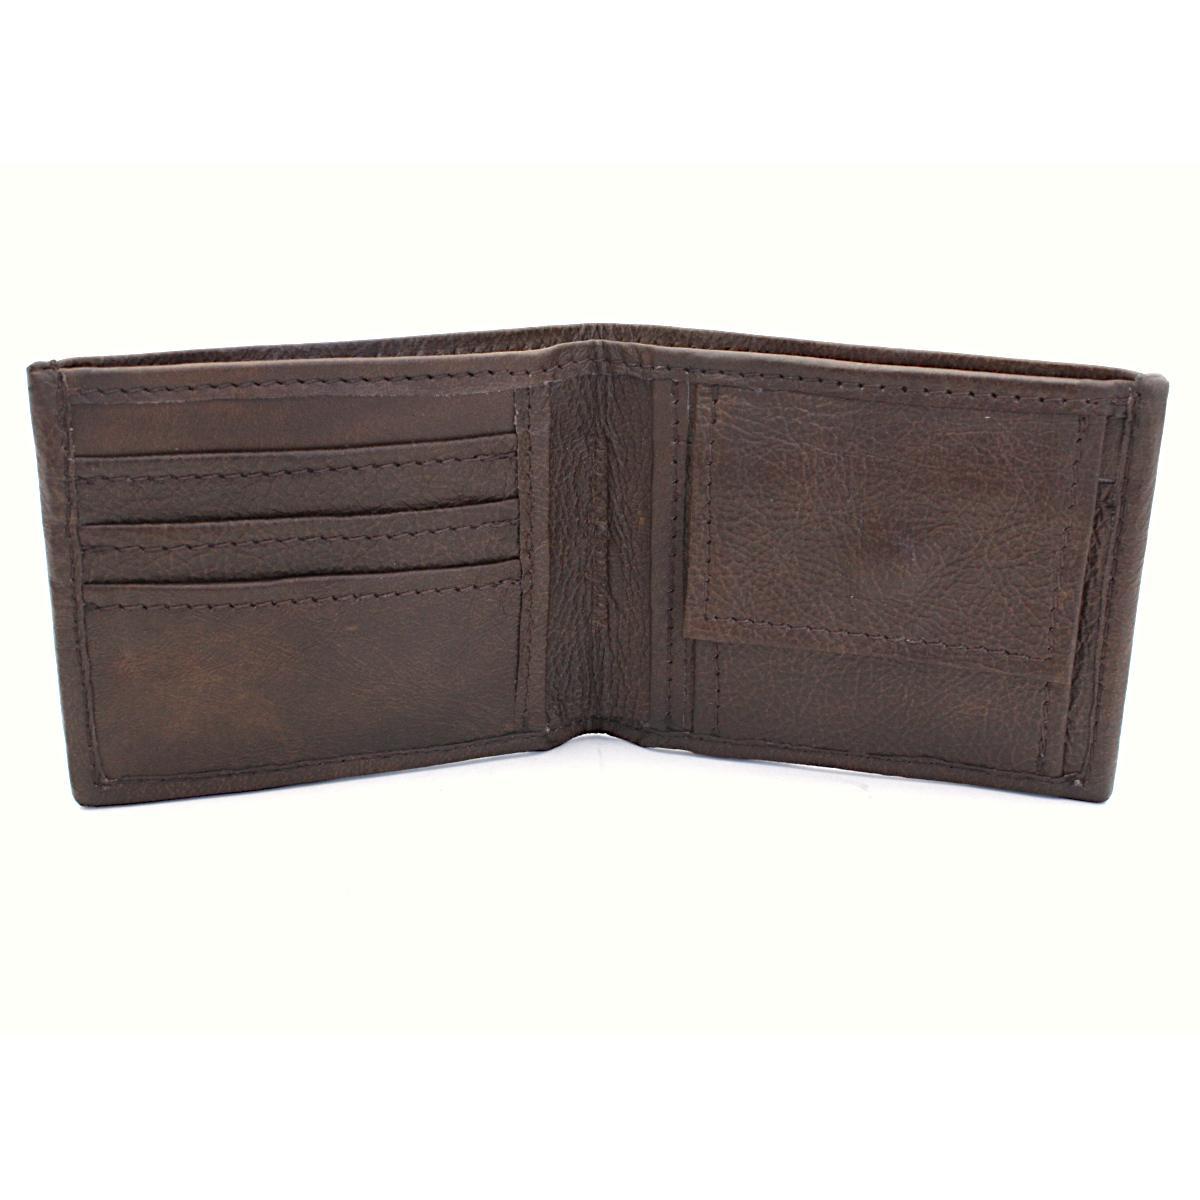 практичен мъжки портфейл естествена кожа - вътре